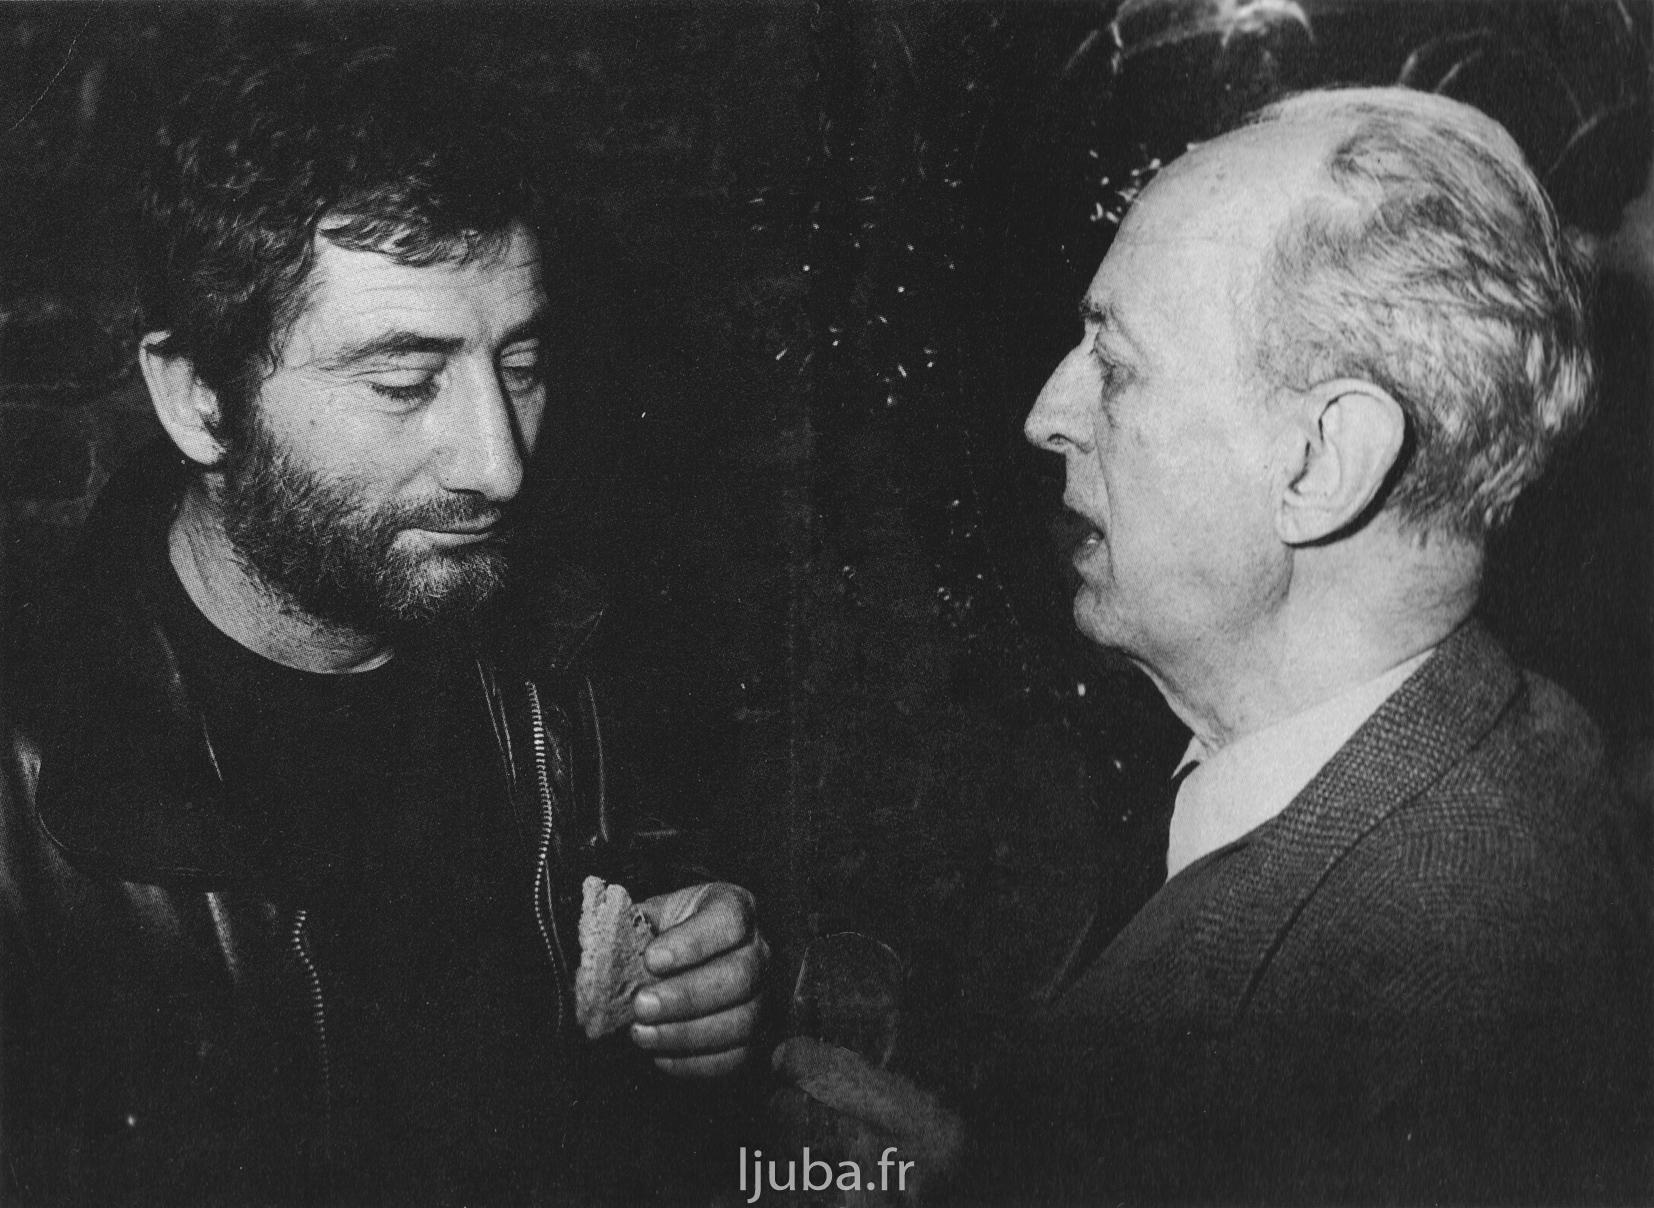 30. 1972., Ljuba i Andre Pjer de Mandijarg_AP_